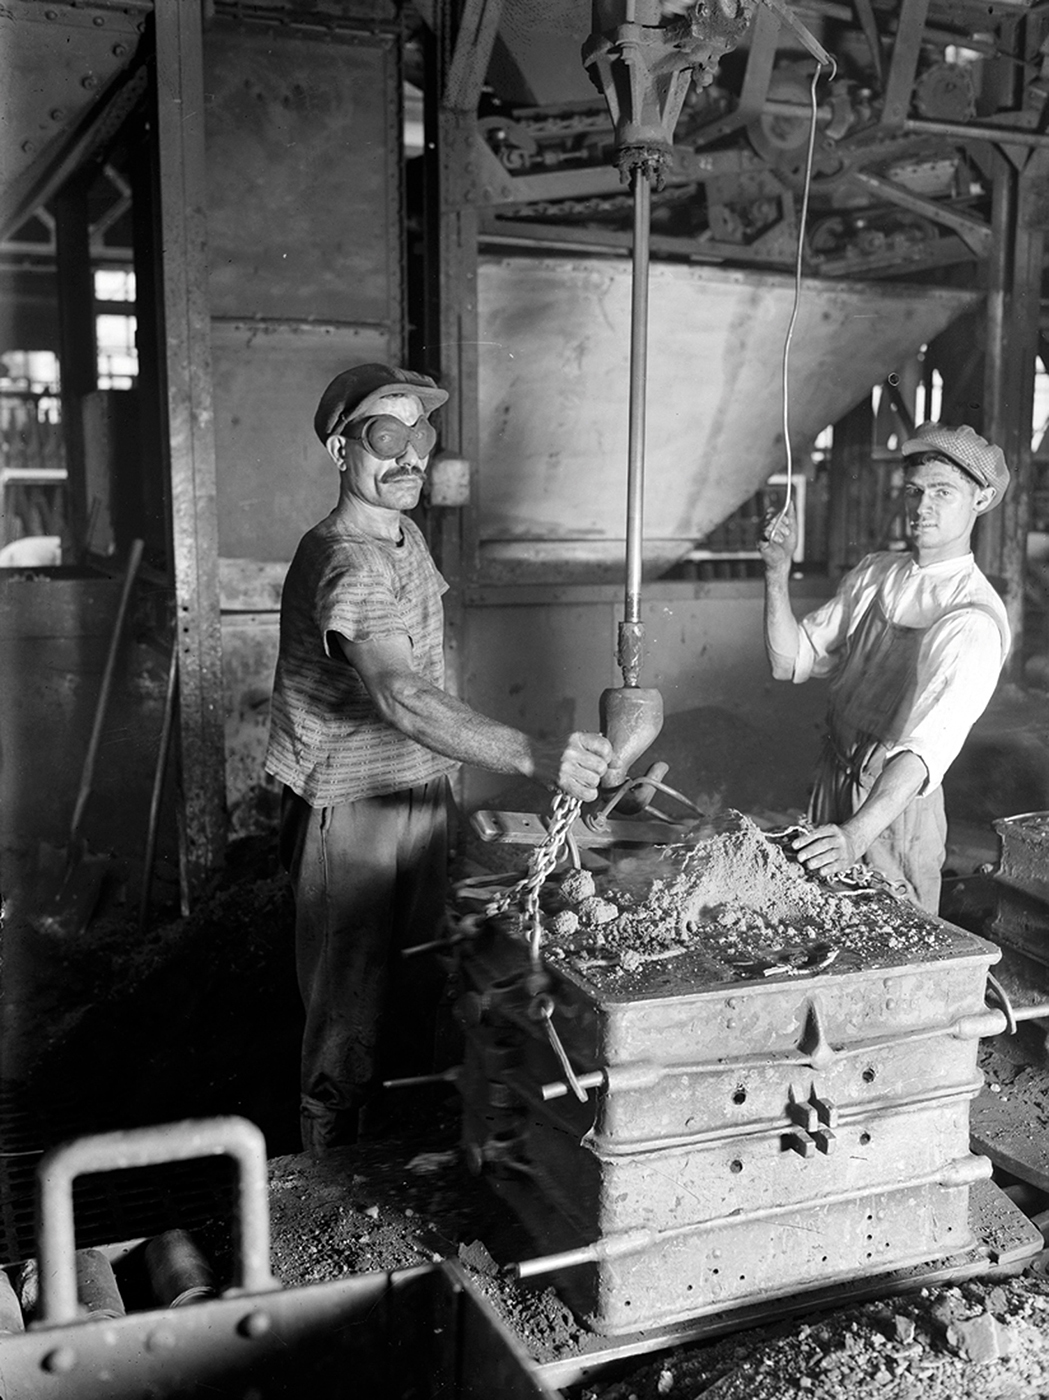 """François Kollar, """"Renault. D'une main l'ouvrier fait tomber le sable. Billancourt (Hauts-de-Seine)"""" (1931–34), 13 x 18 cm (Paris, Bibliothèque Forney; © François Kollar / Bibliothèque Forney / Roger-Viollet)"""